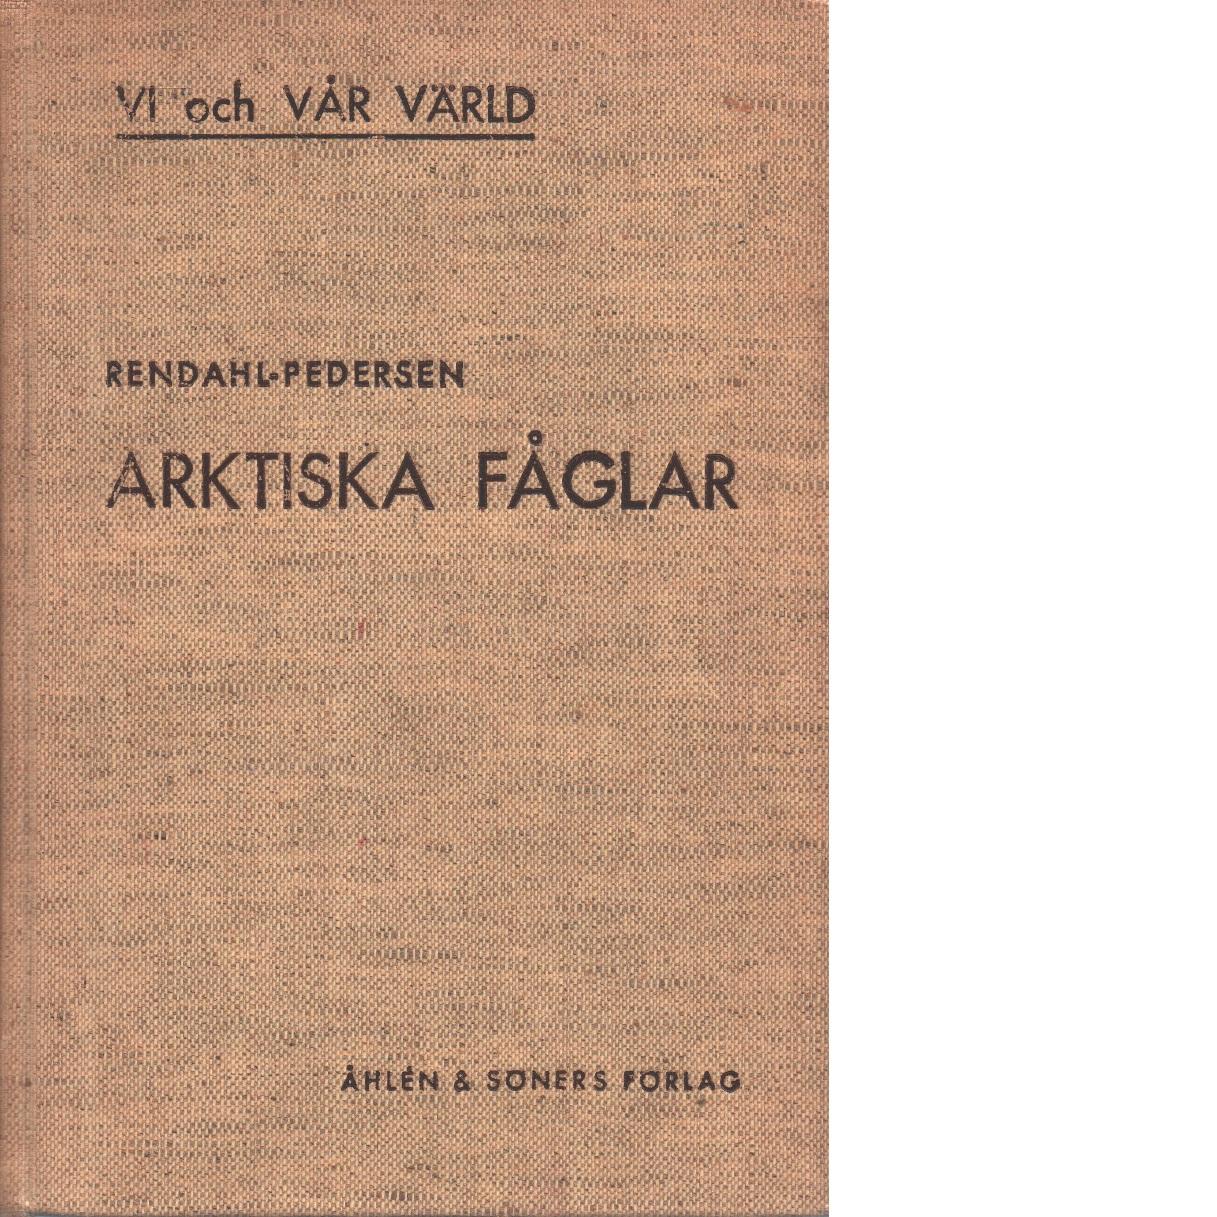 Arktiska fåglar - Rendahl, Hialmar Och Pedersen, Alvin